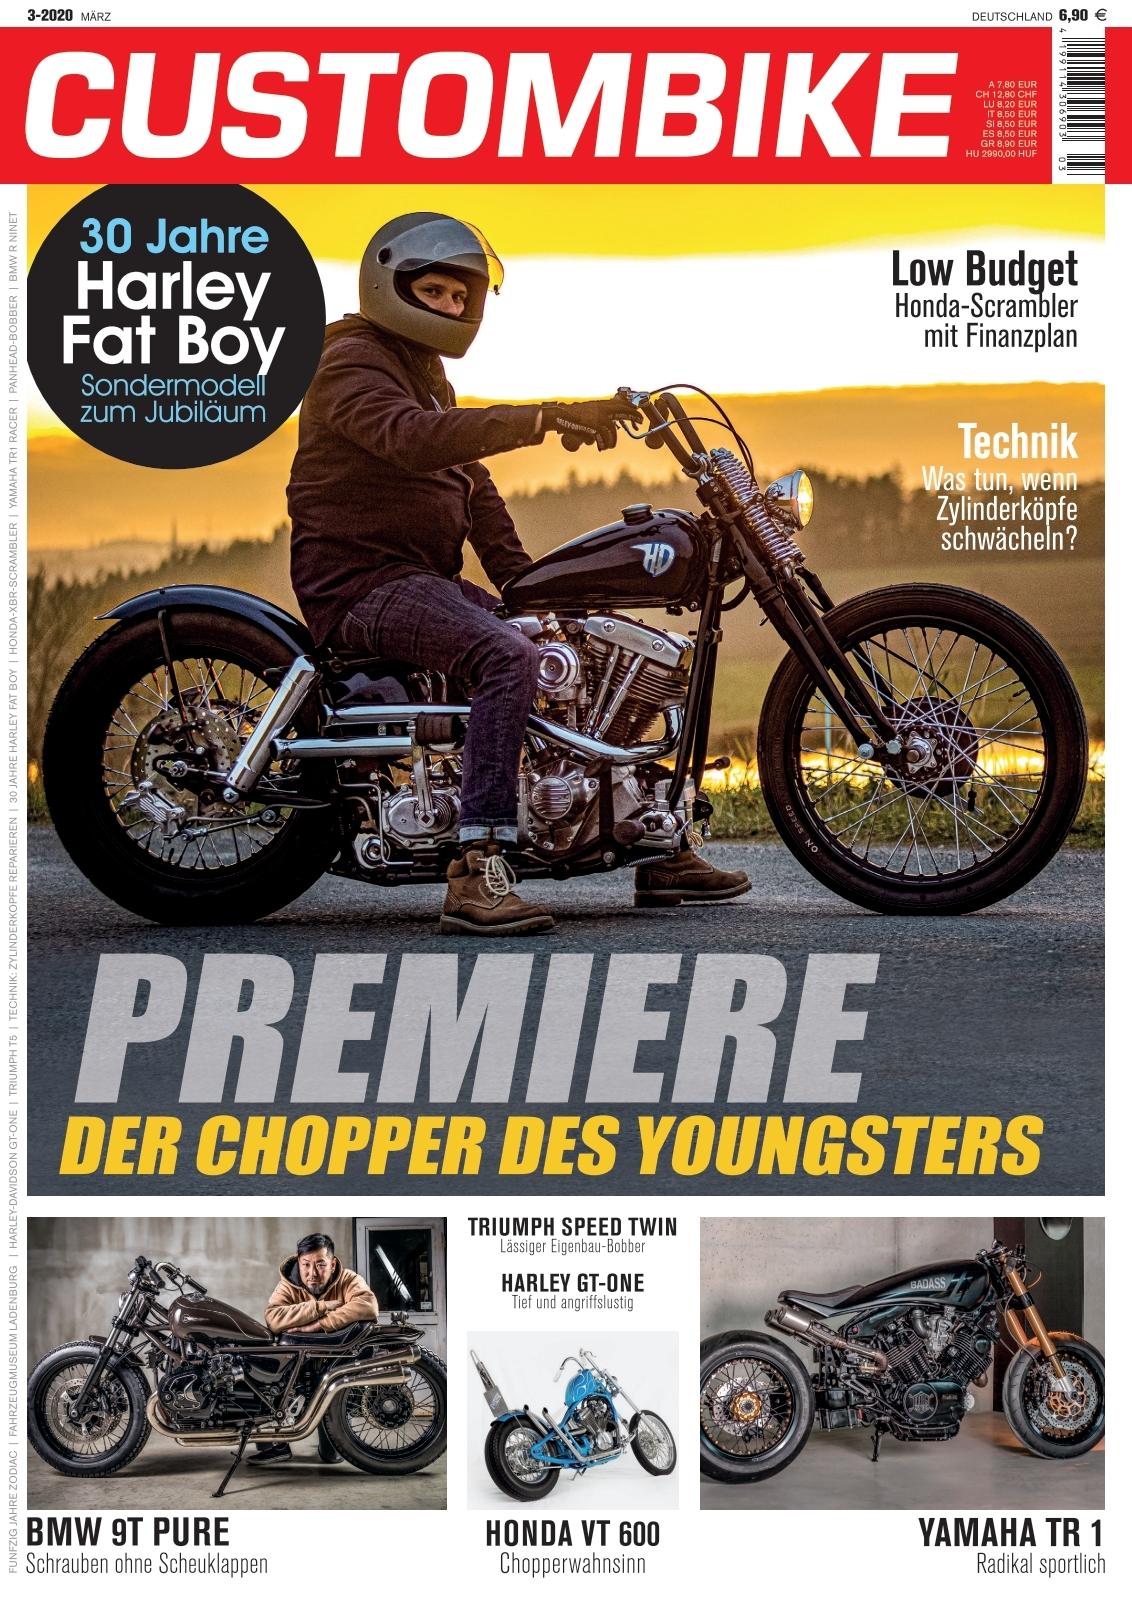 XJR1200 Tuning Zubehör Sweatshirt LEBEN HOBBY FAHREN Motorrad Biker Skull